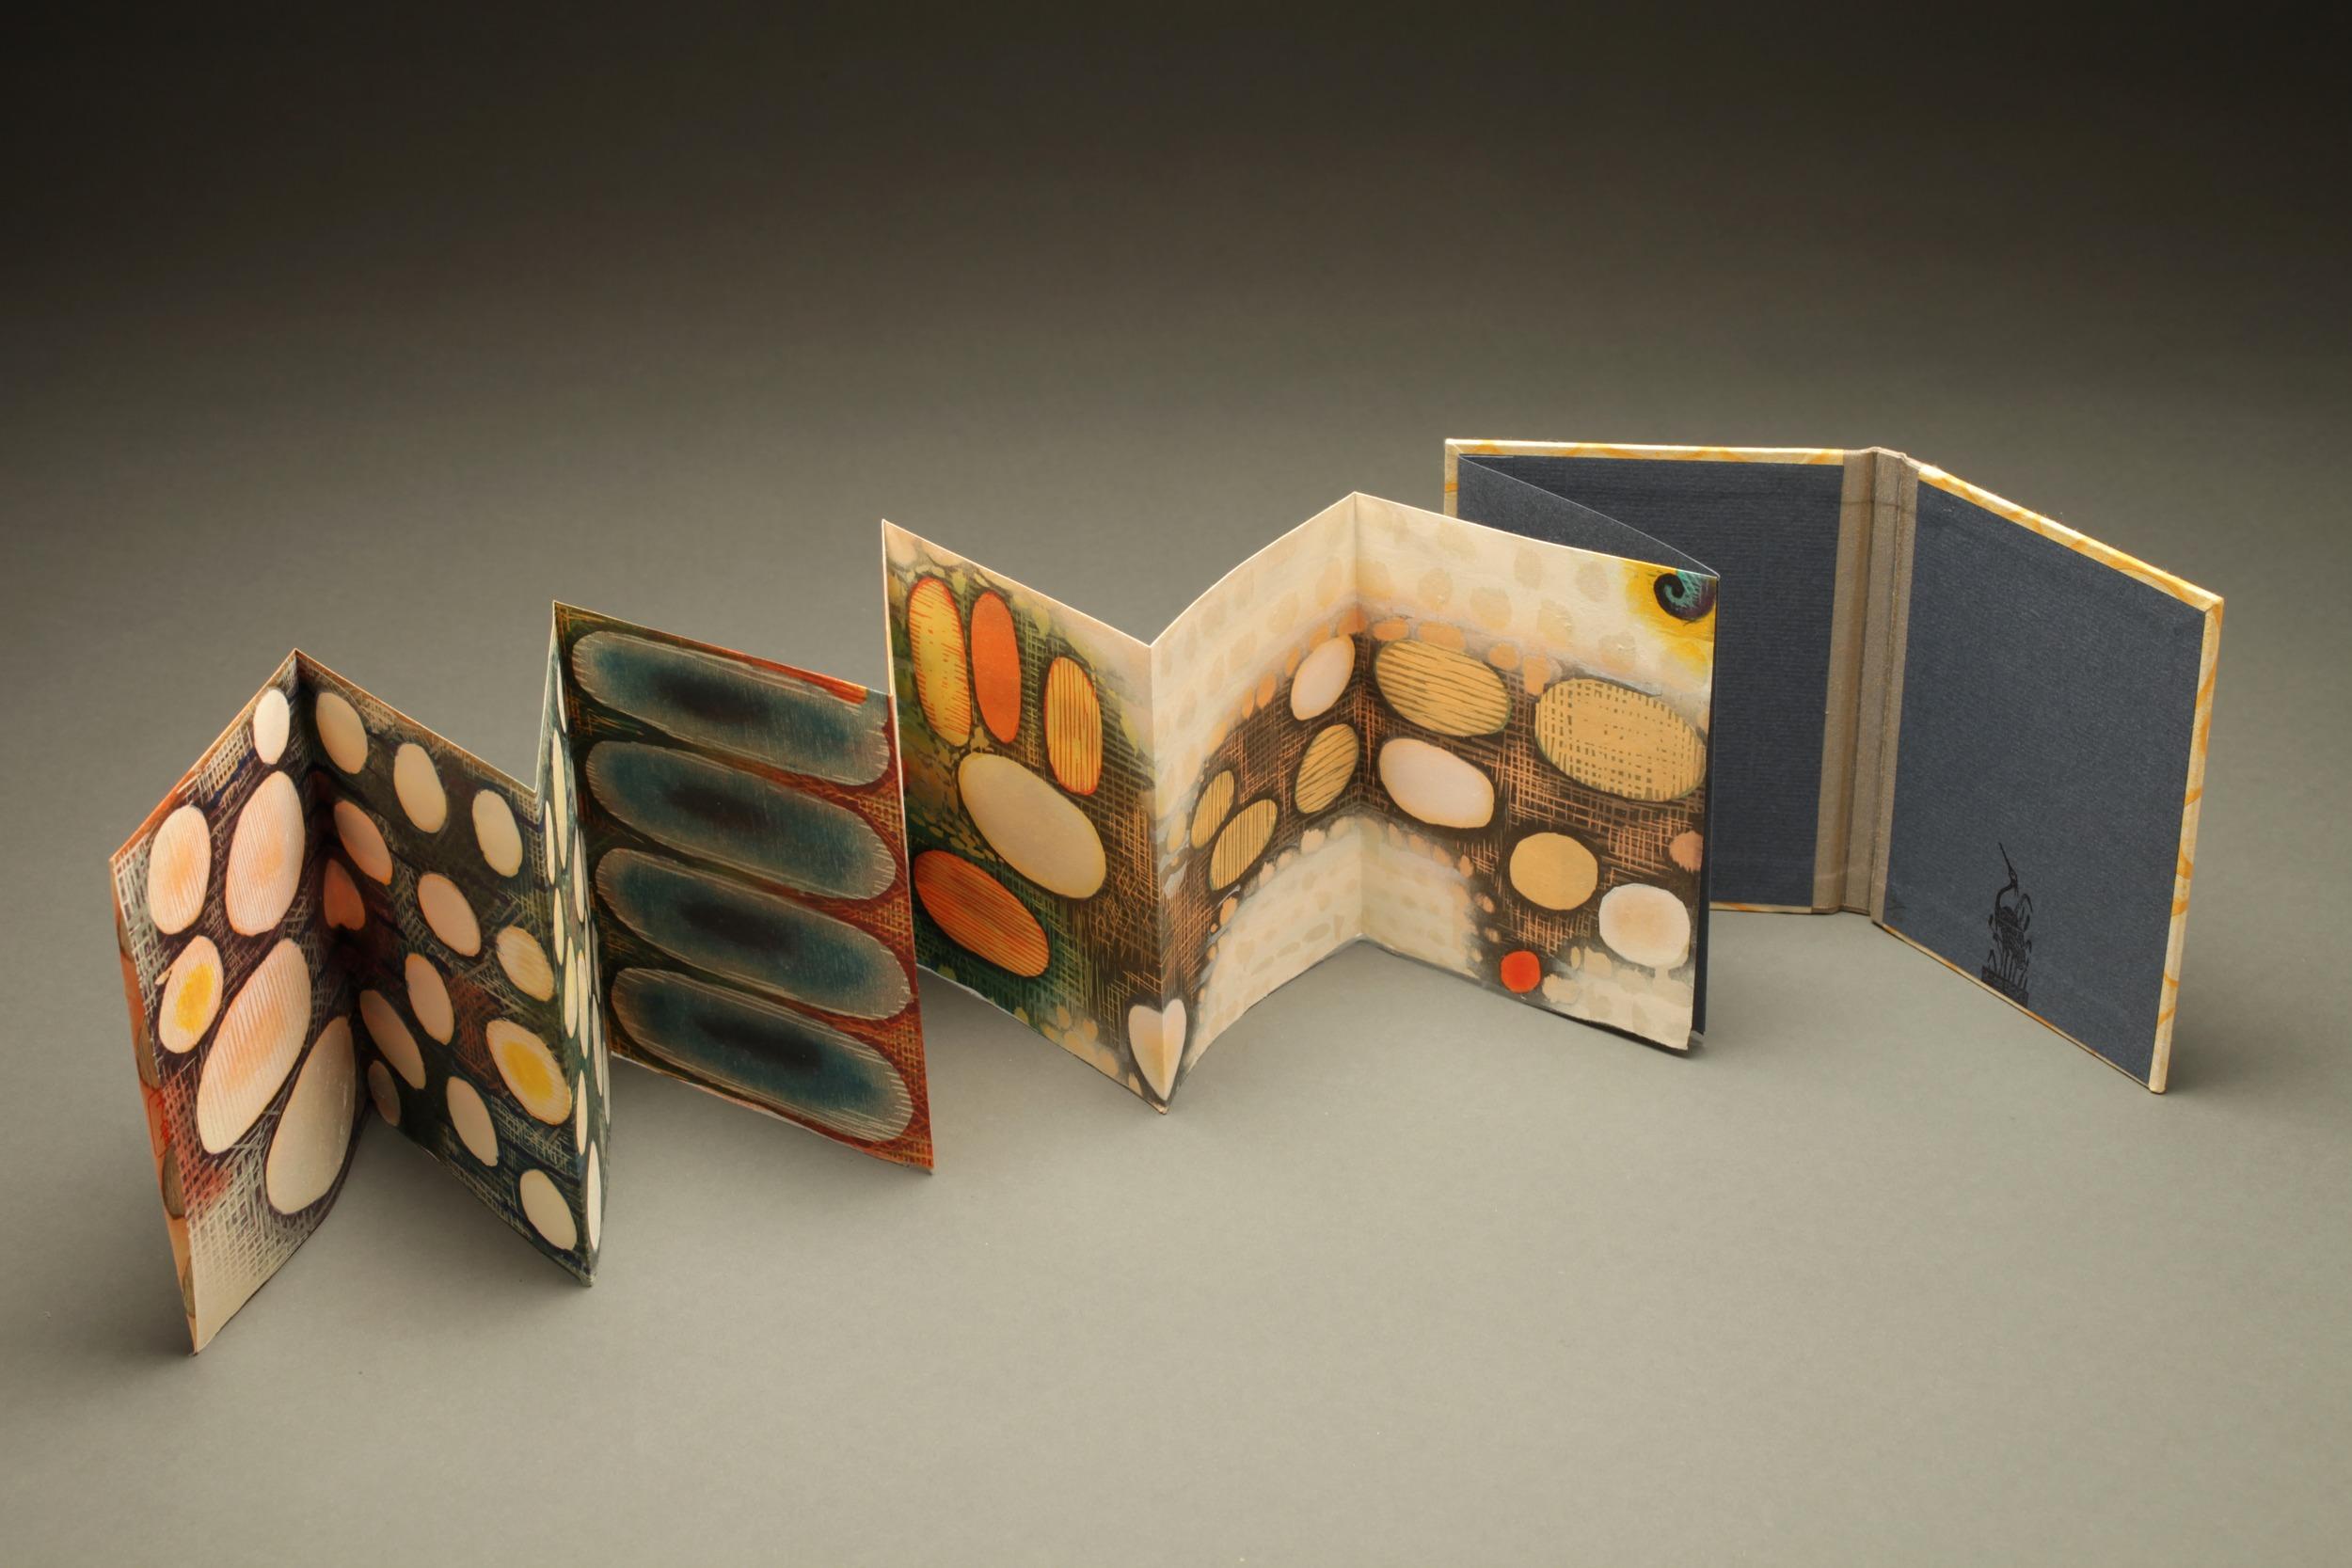 """Karen Kunc, """"Vastness,"""" 2013-14  woodcut print artist book, 19/20  5 1/4"""" x 37"""""""